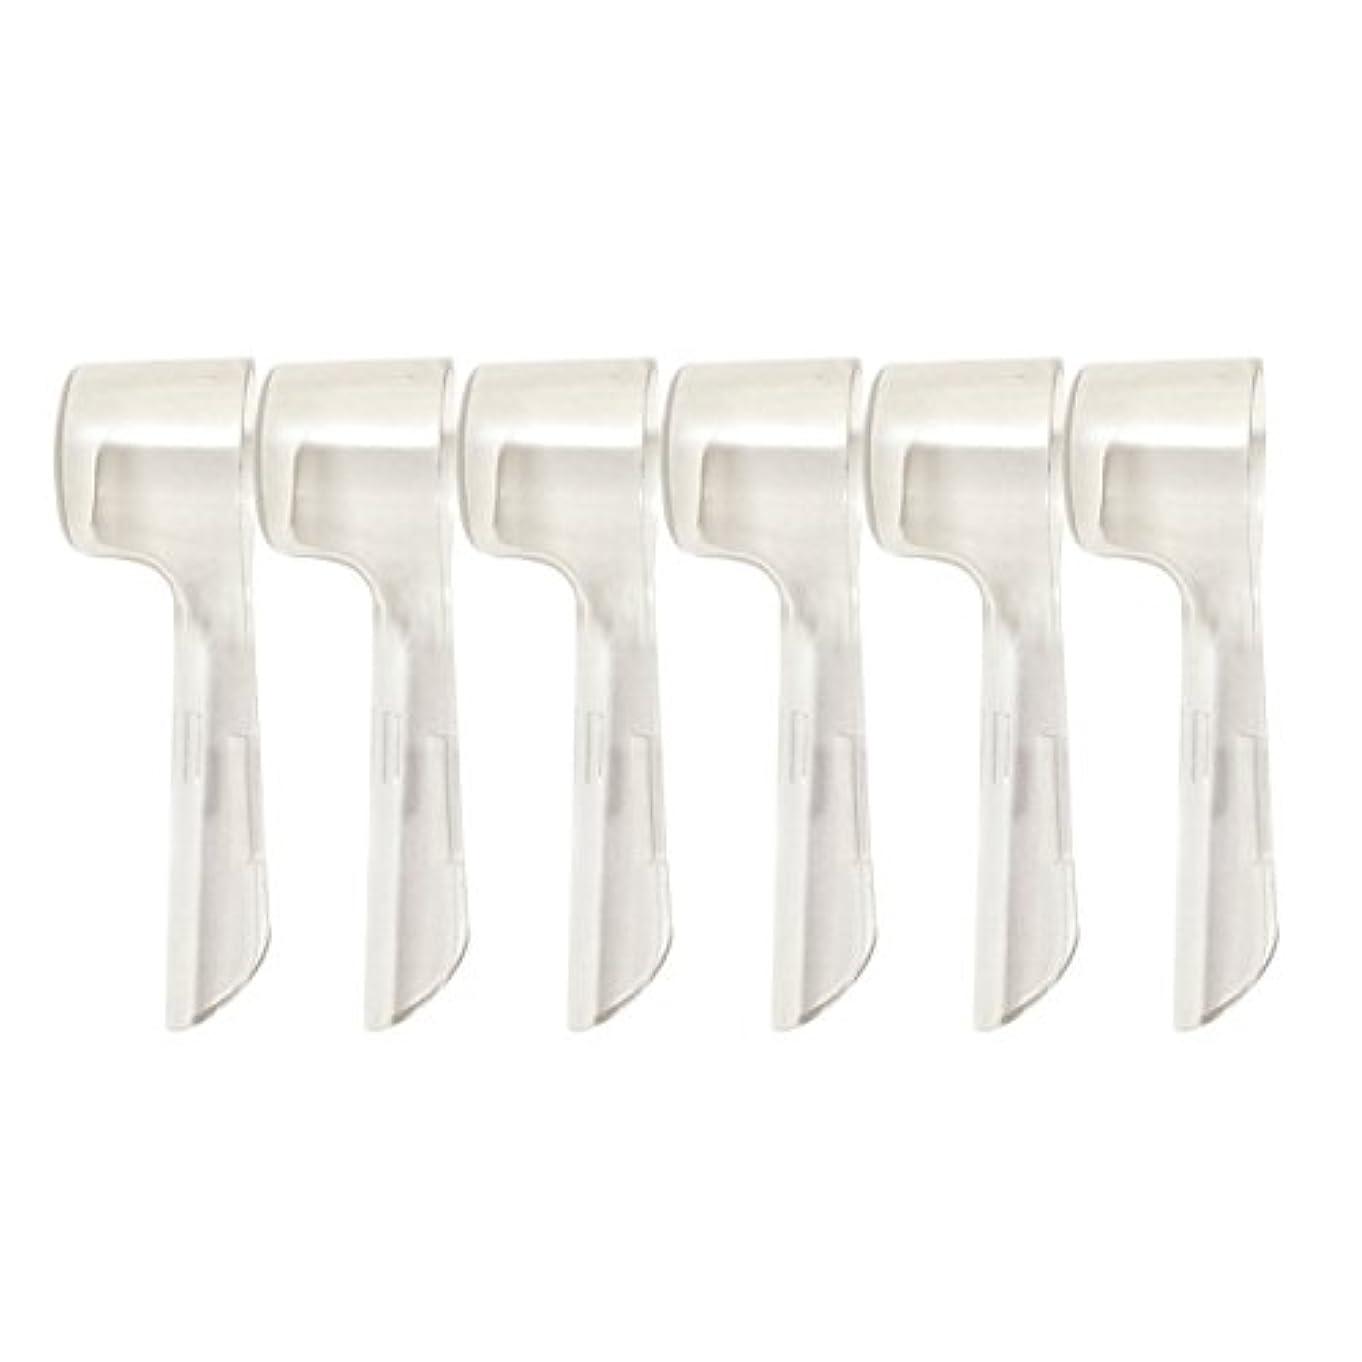 消化器ながら花SUPVOX 旅行のために便利な電動歯ブラシのための6本の歯ブラシヘッドカバー